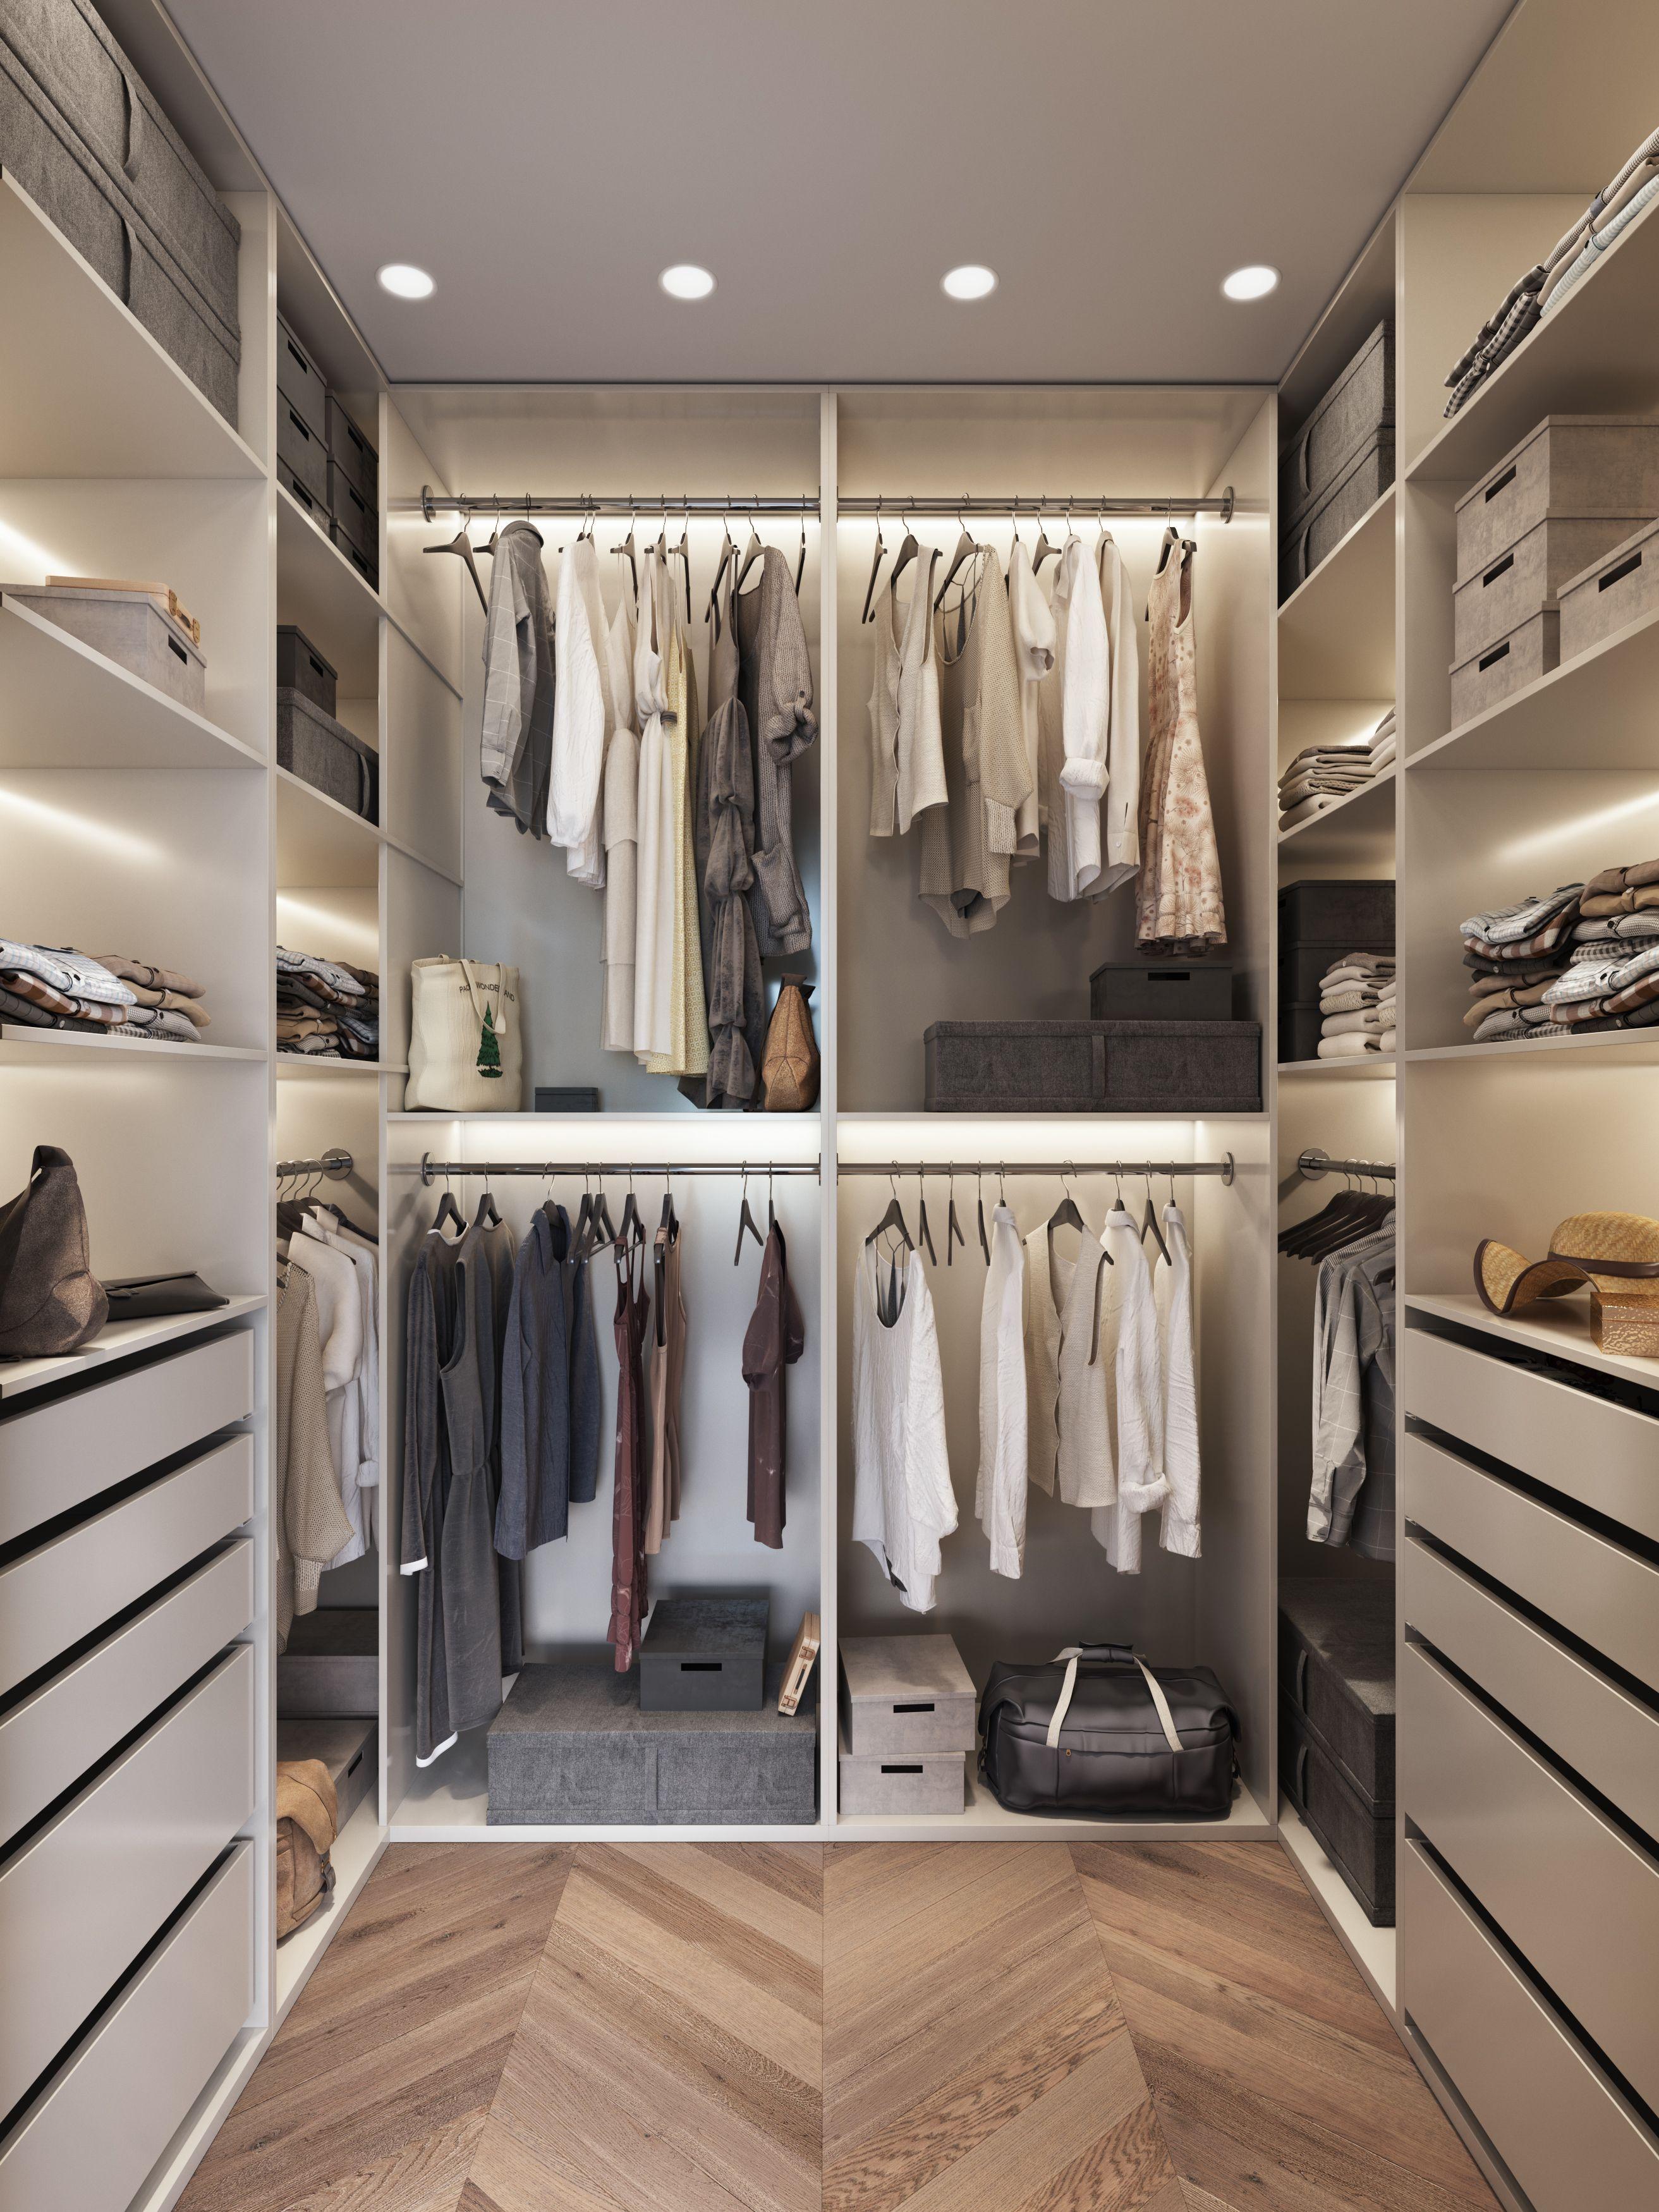 Idea de vestidor utilizando muebles de ikea ideas piso - Interior de armarios ikea ...